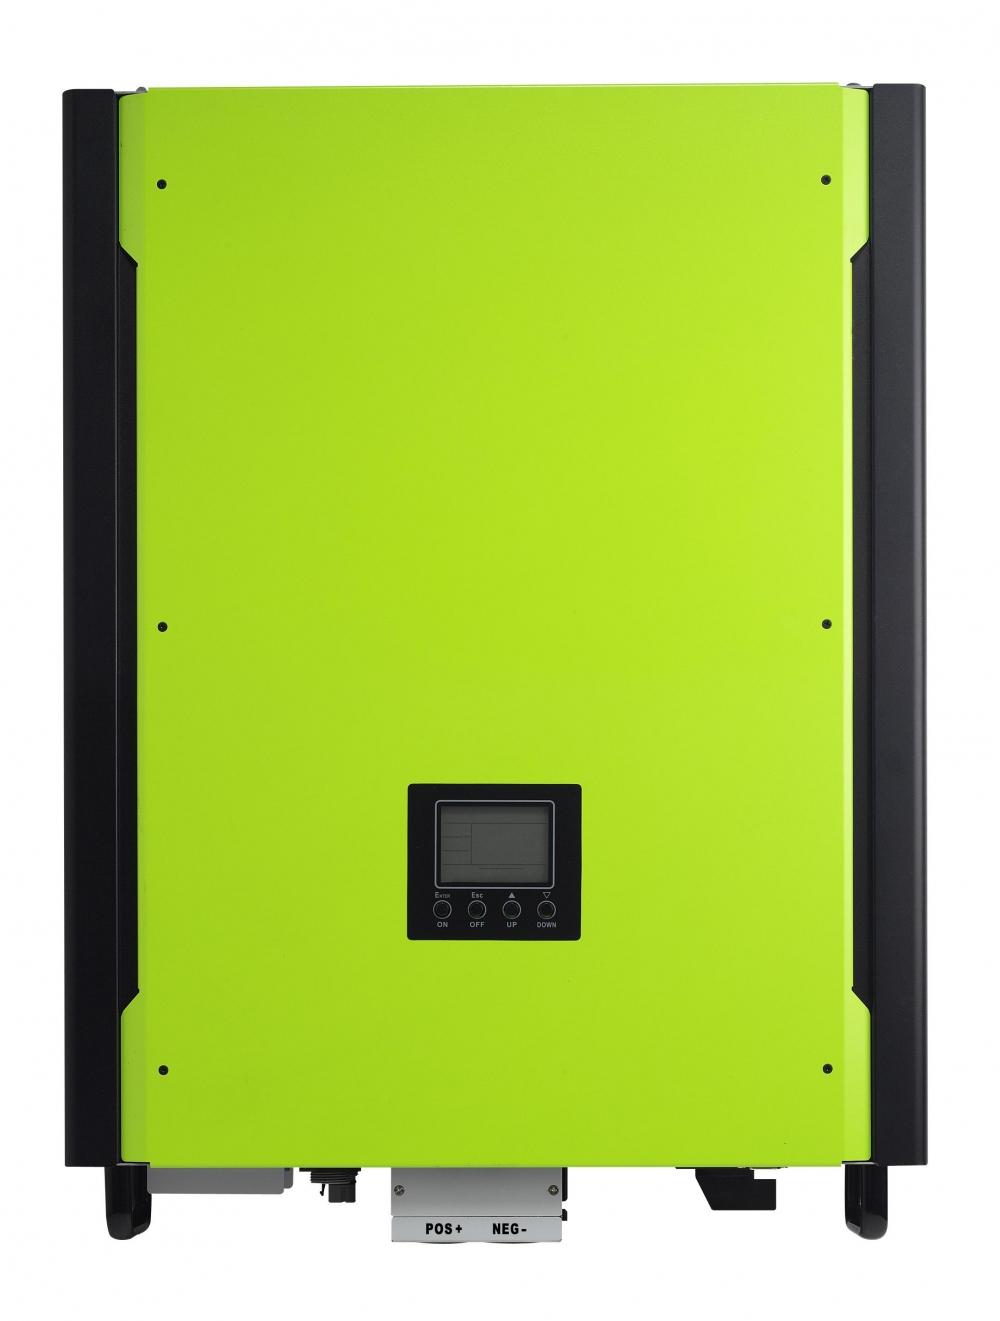 Мережевий сонячний інвертор з резервною функцією 10кВт, 380В, трифазний (Модель InfiniSolar 10kW) - 2